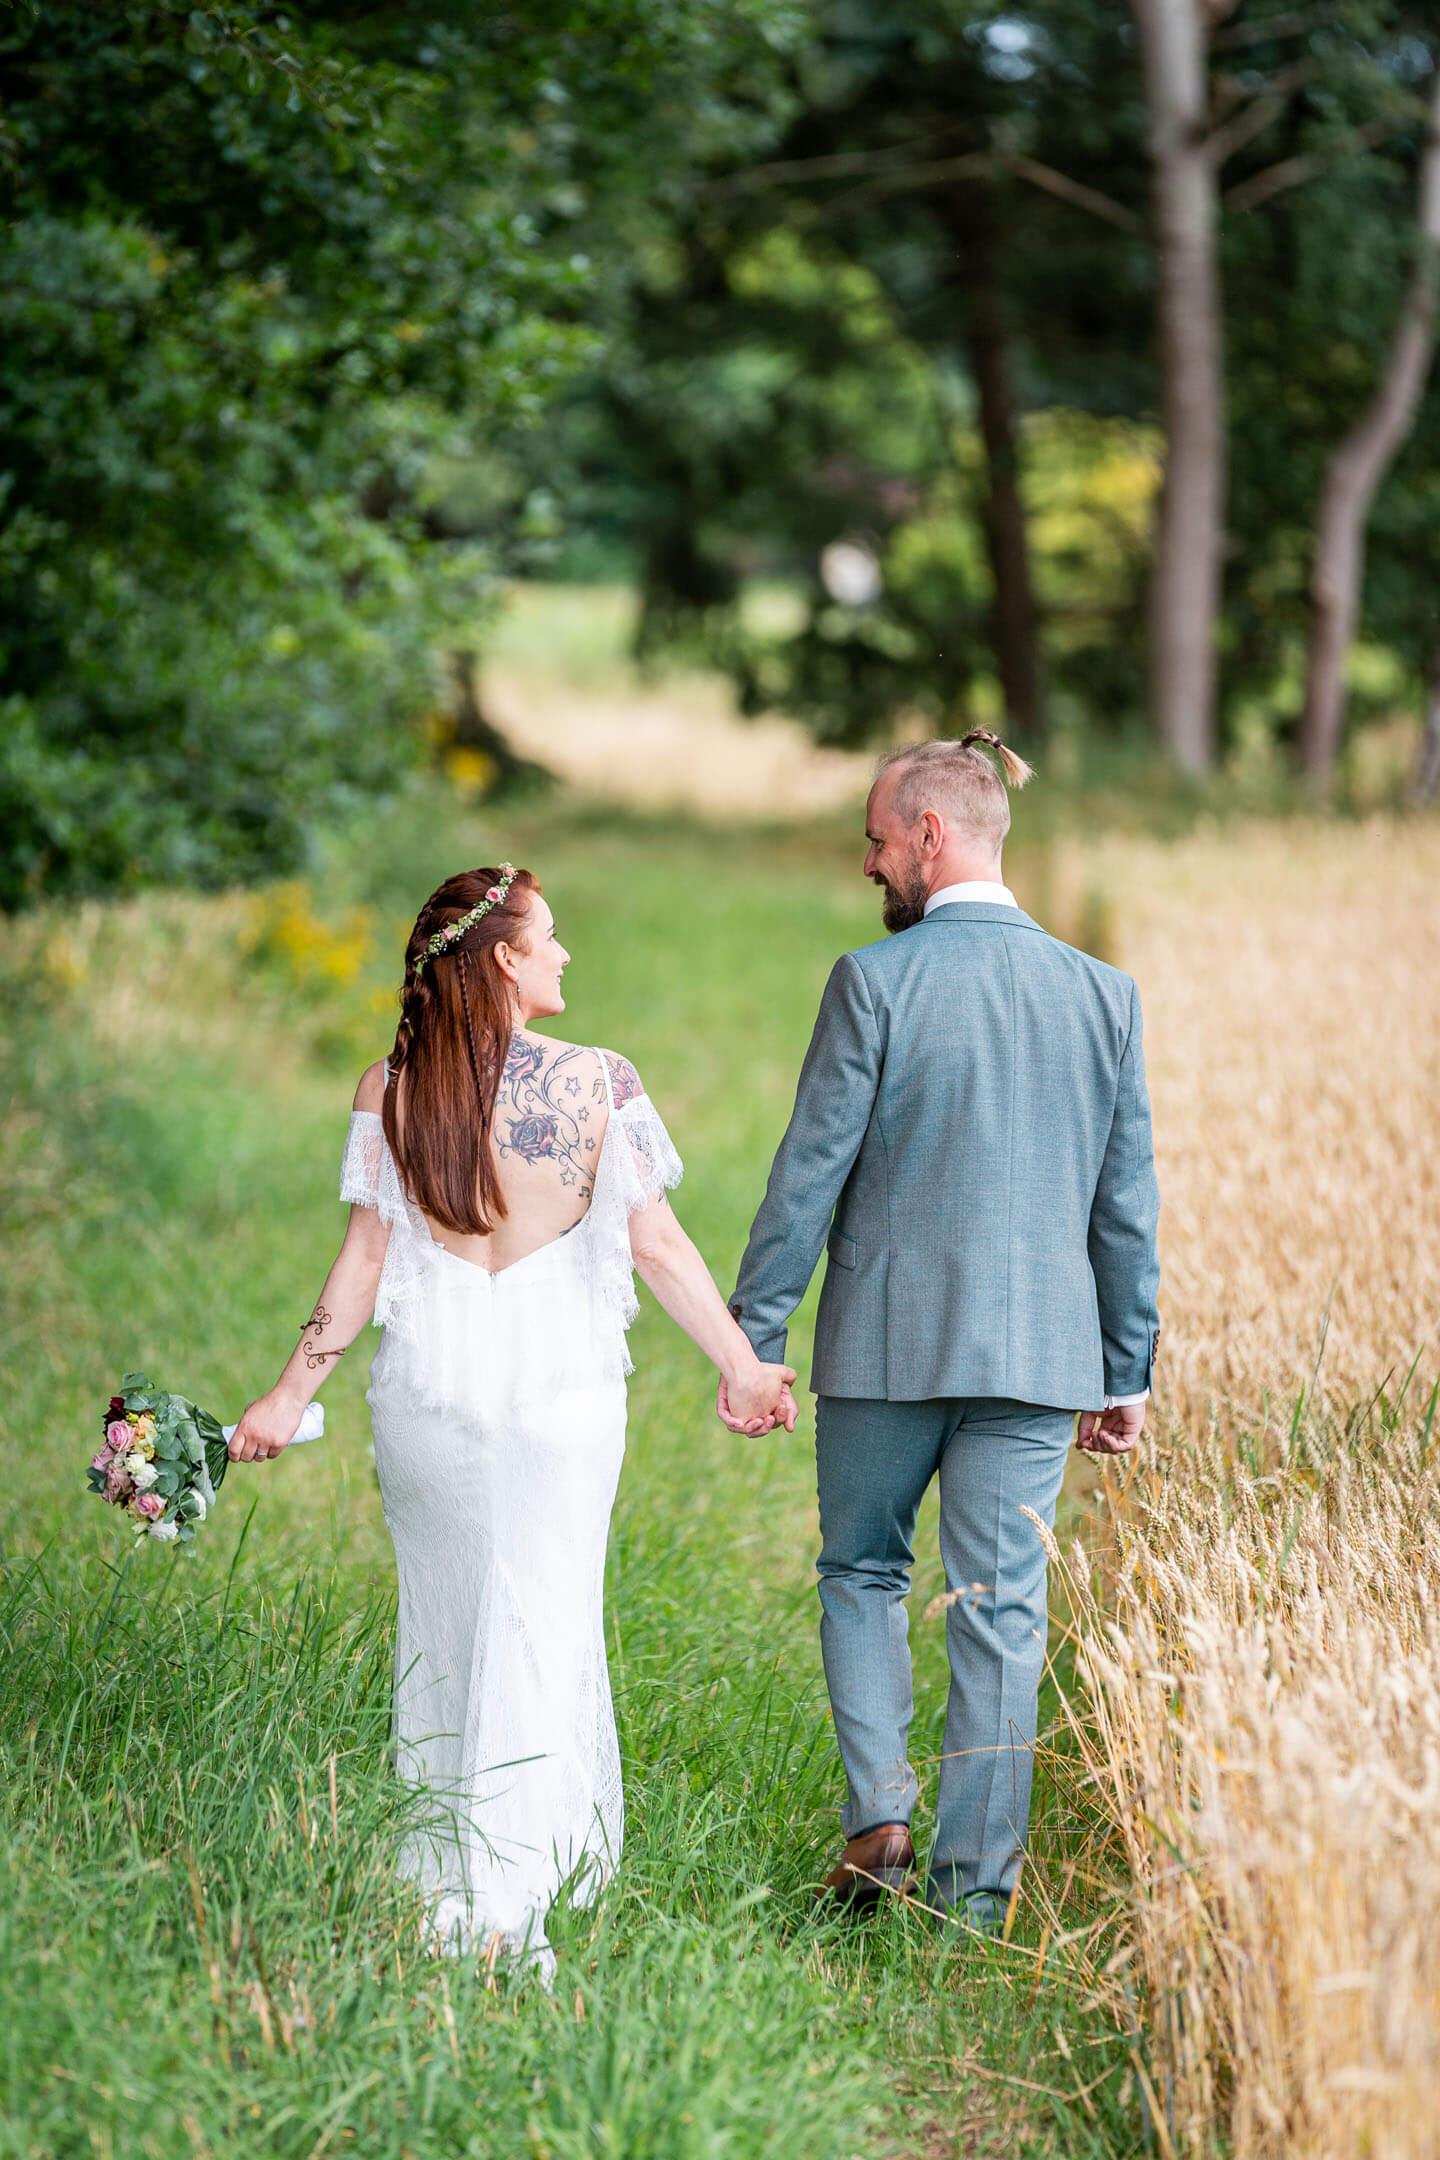 Hochzeitsfoto in der Natur aufgenommen